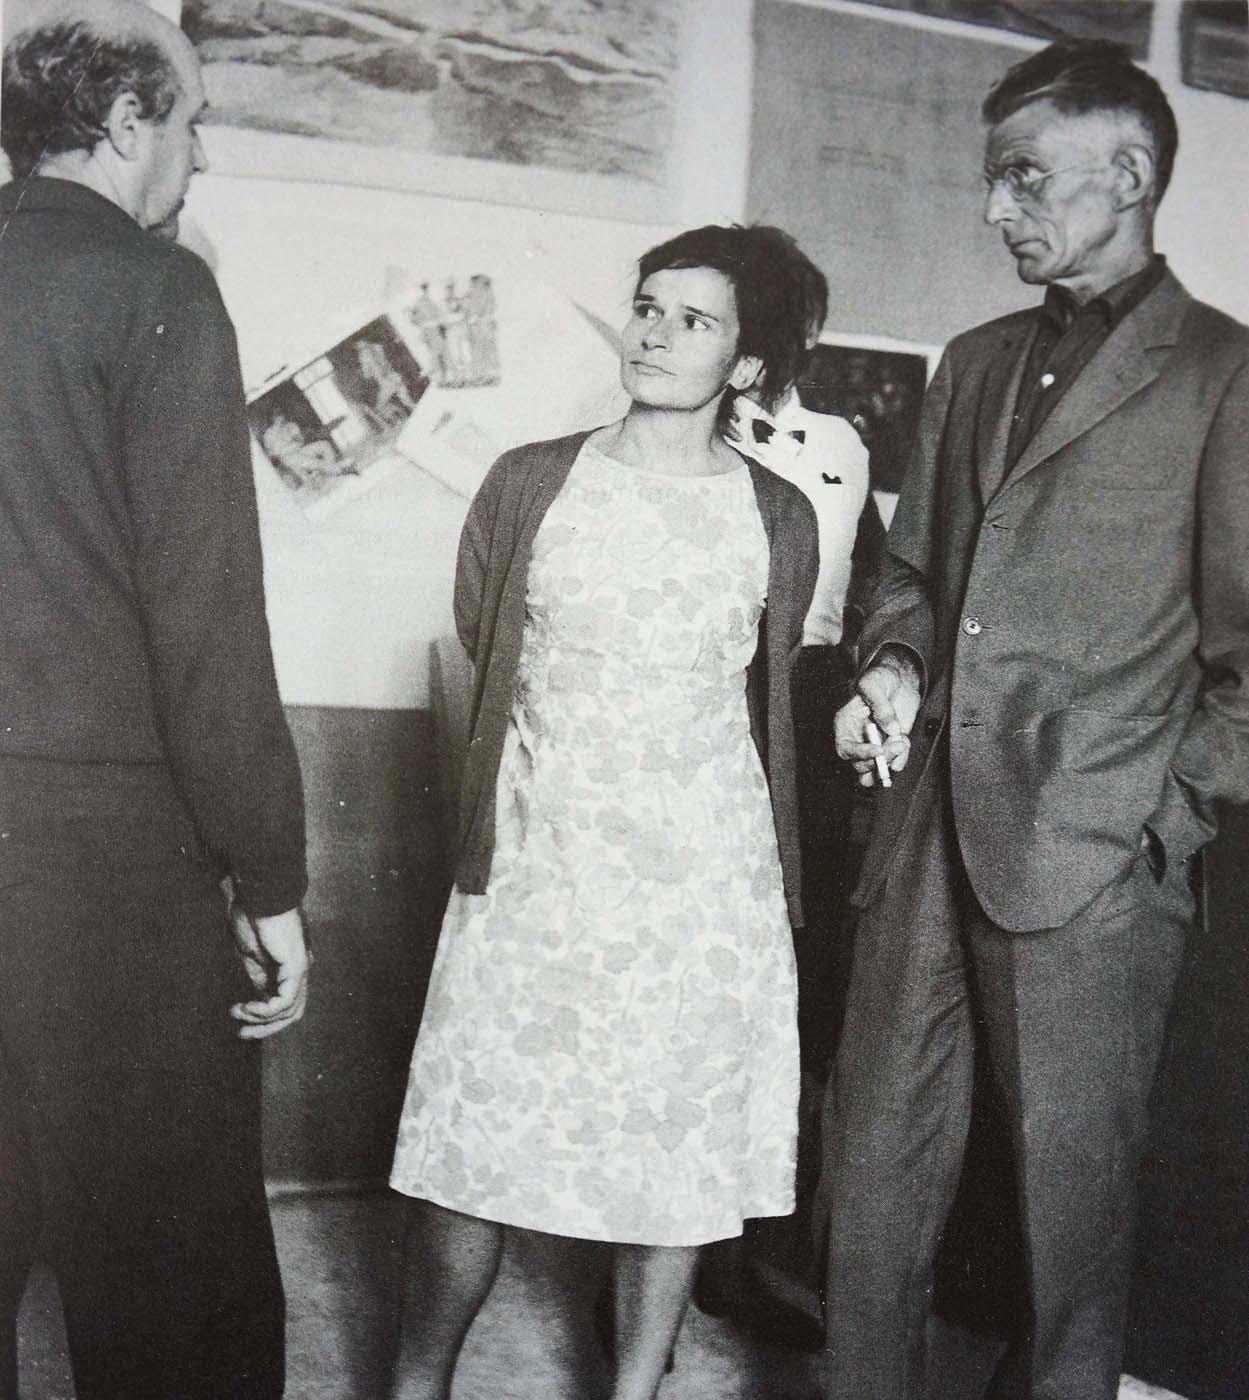 tsarouchis, christina tsingou & samuel beckett  photo: tarlow